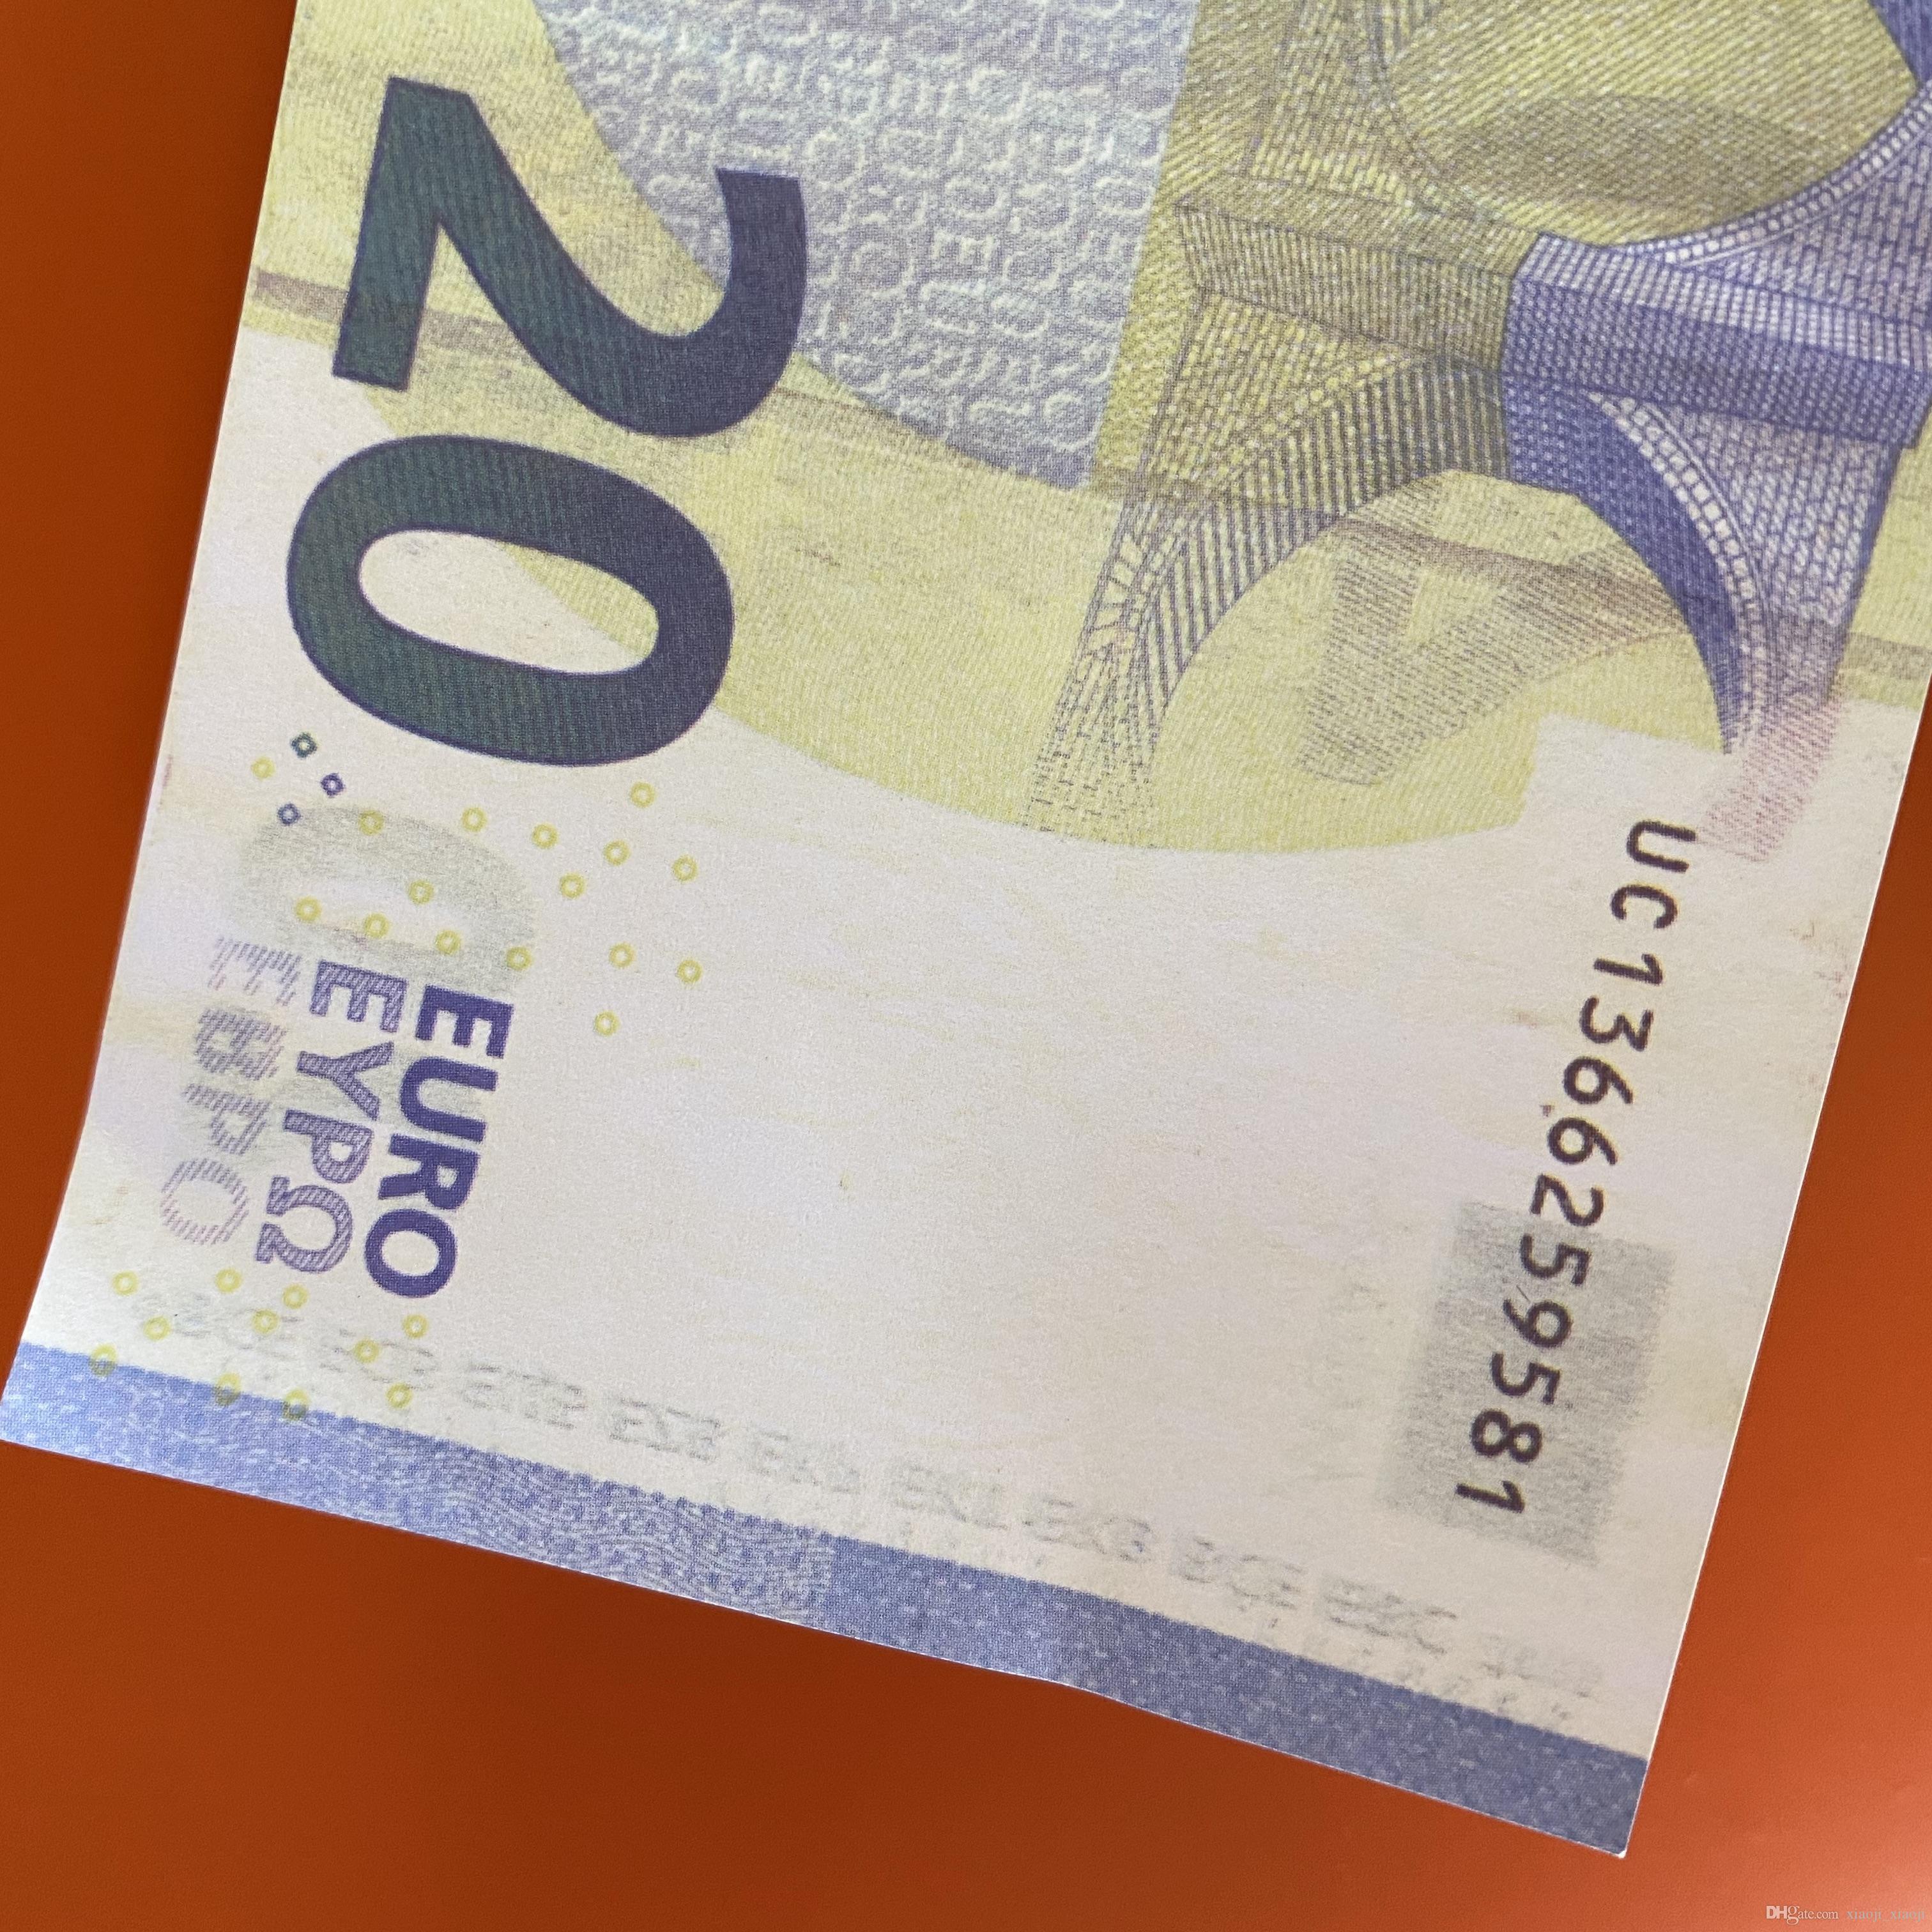 Oder 100 teile / paket kopieren banknote family spielzeug260 prop kinder meiste papier us / euro / dollar geld realistisches spiel aoswj